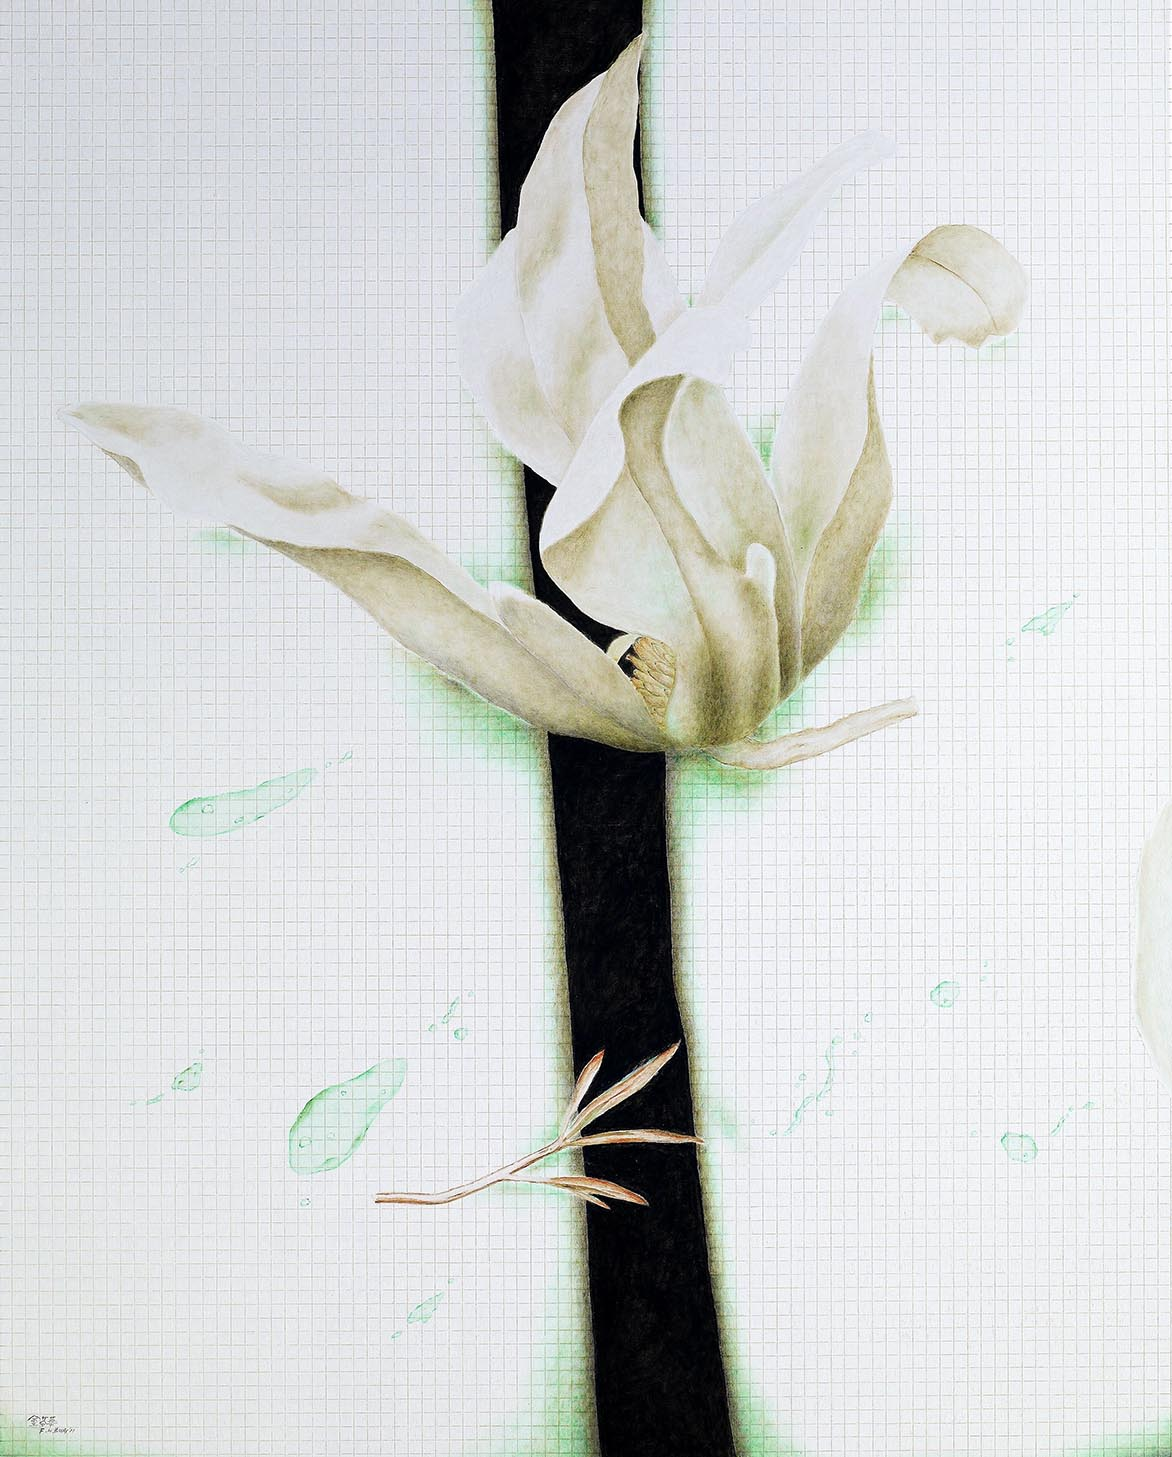 木兰花开 II 油彩画布 162x130cm